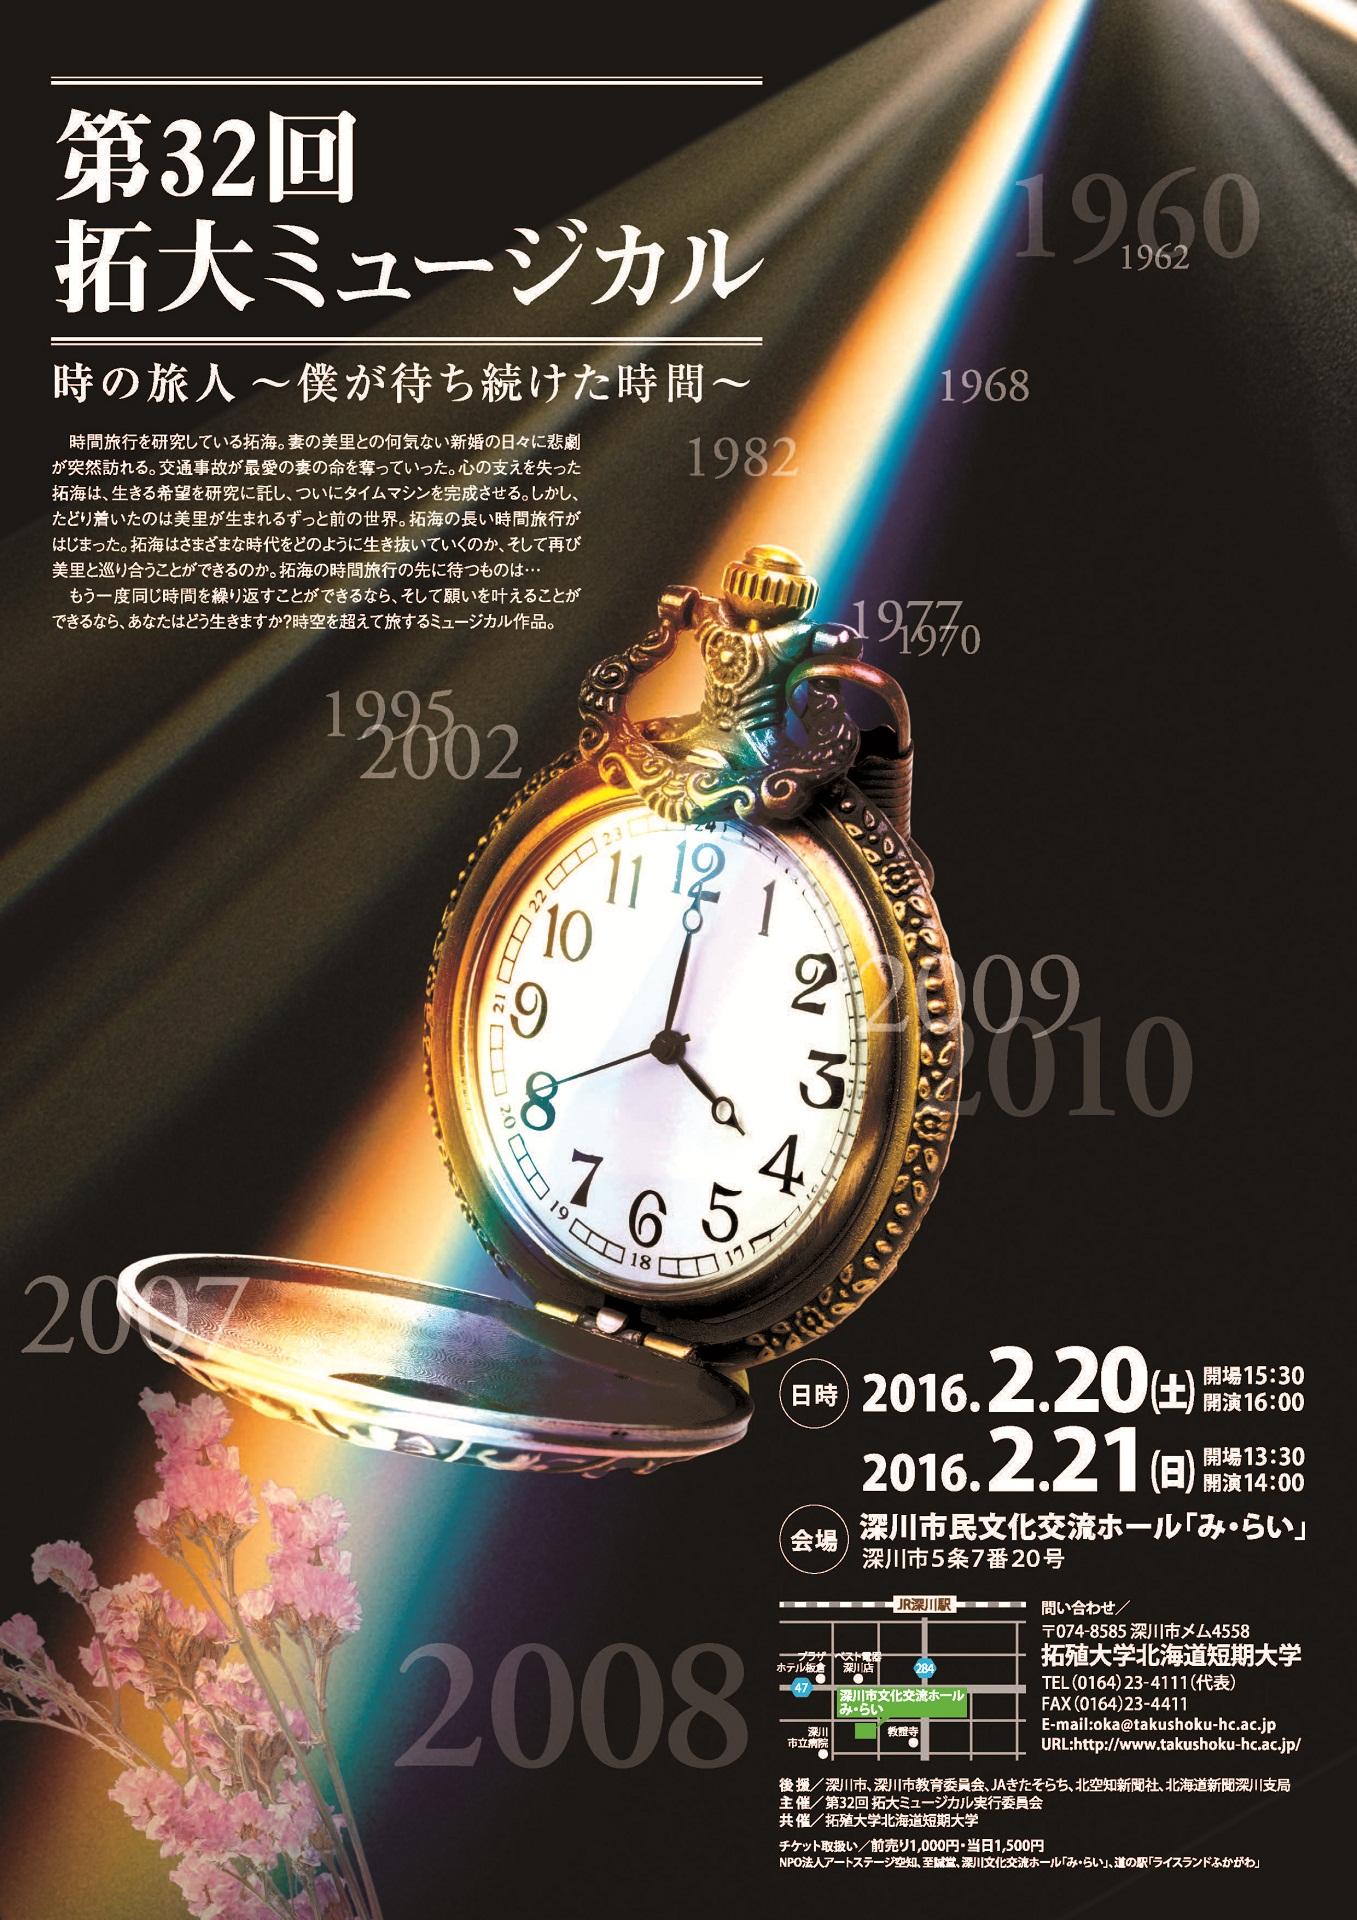 拓殖大学北海道短期大学が2月20日・21日に「第32回拓大ミュージカル」を開催